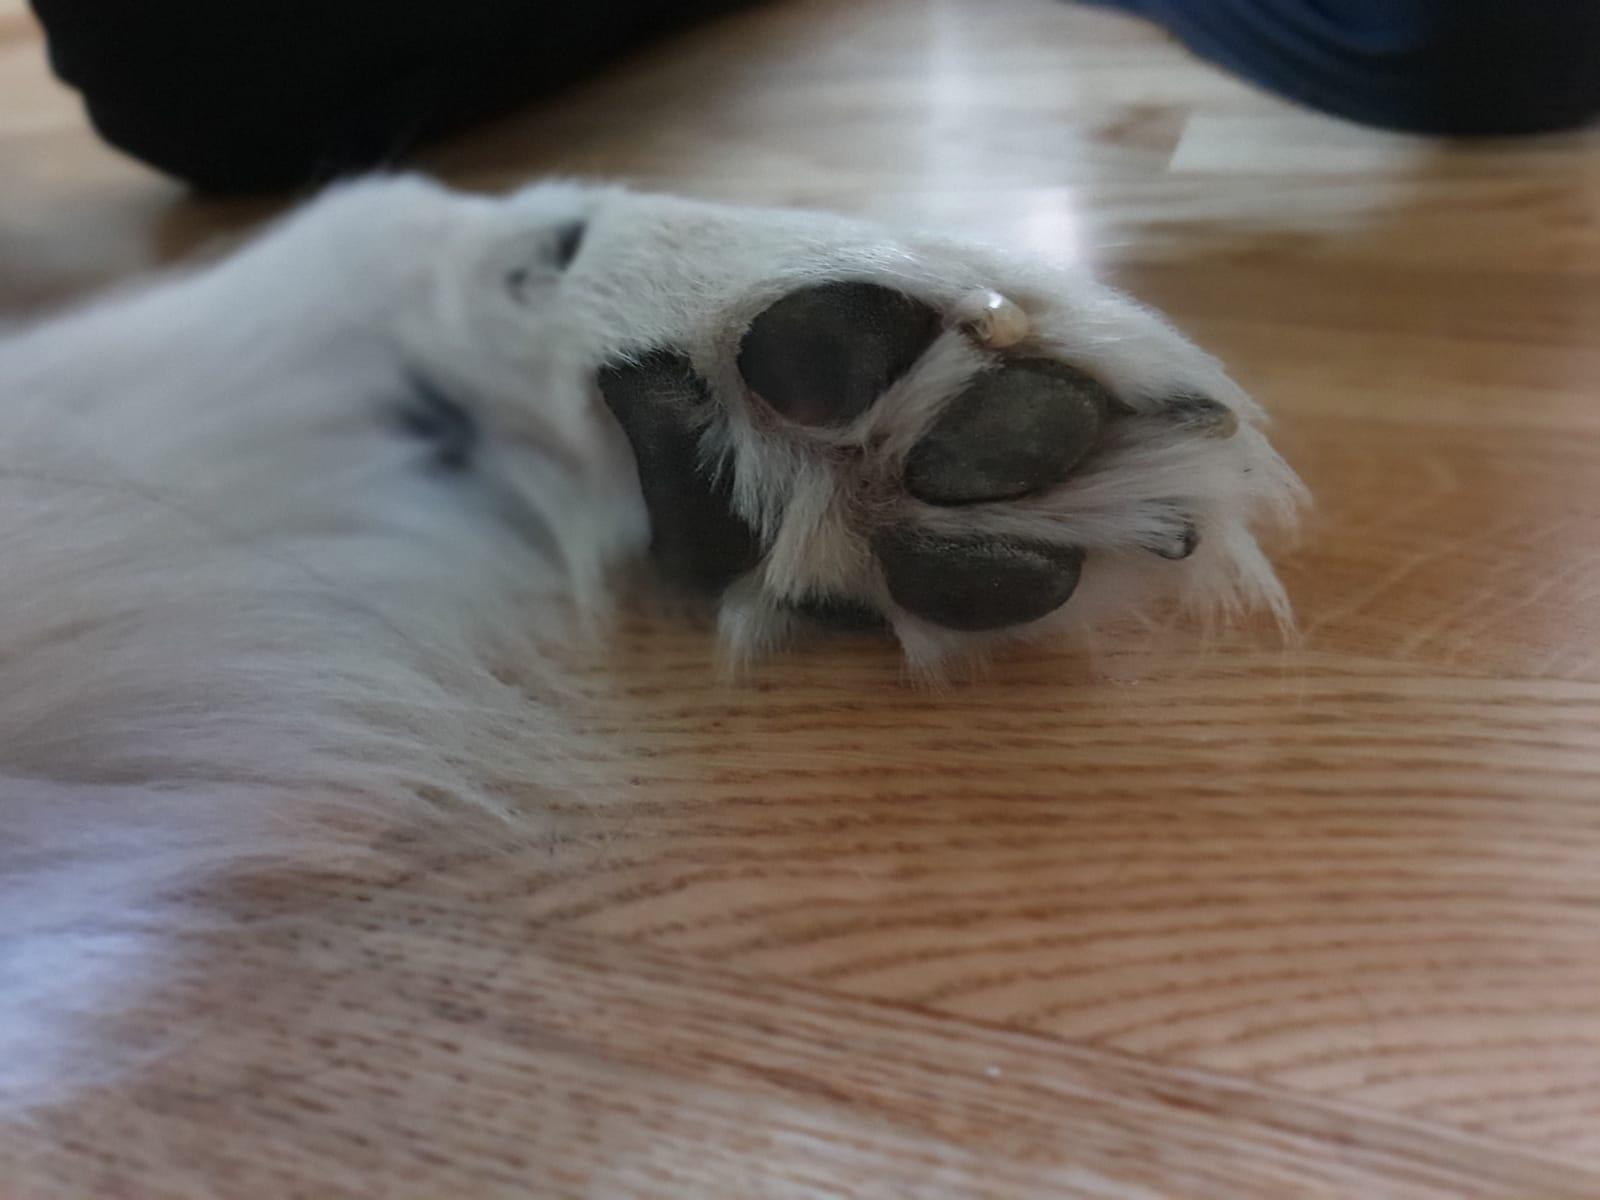 varechina per disinfettare le zampe dei cani